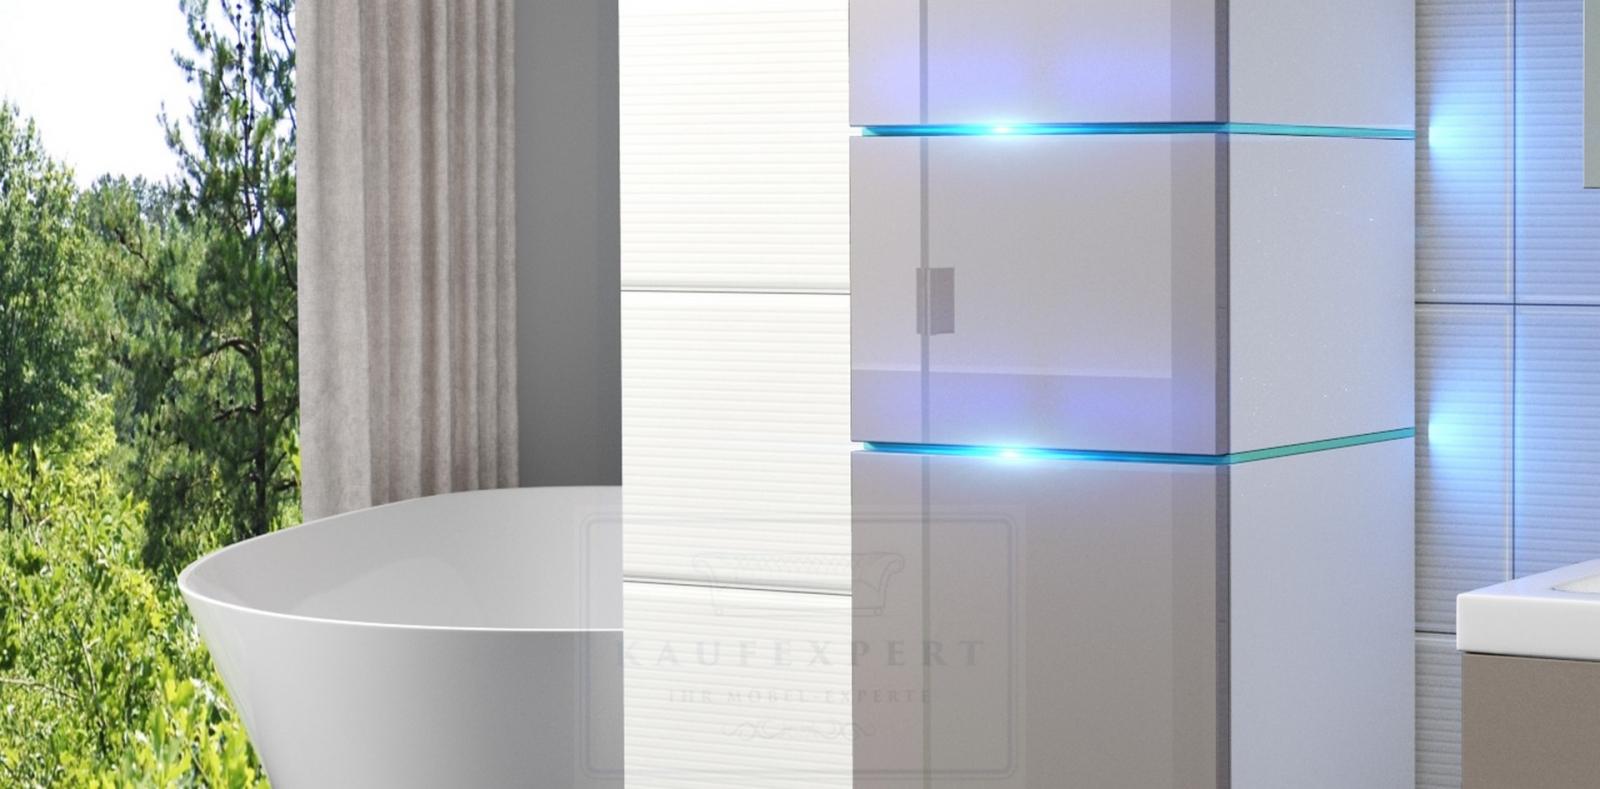 Badmöbel Set Ledox 170 Cm Cappuccino Hochglanz/Weiß KERAMIK Waschbecken  Badezimmer Led Beleuchtung Badezimmermöbel